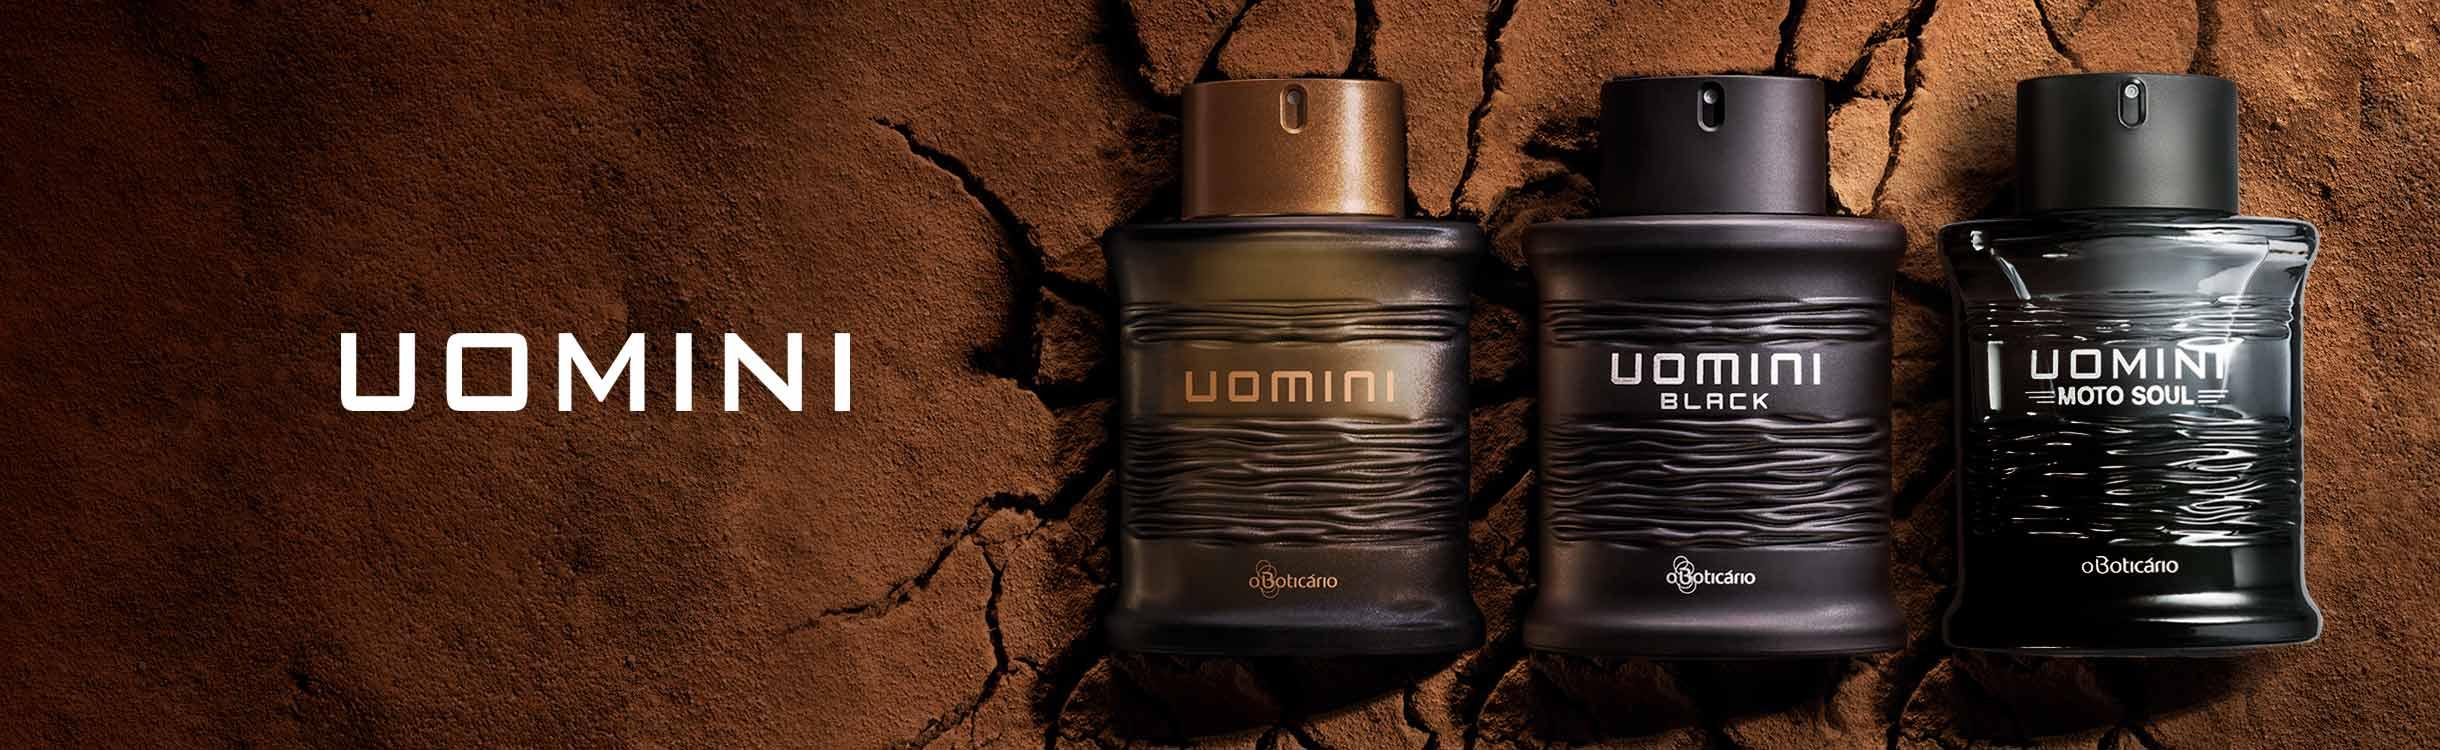 Uomini Perfumaria Cuidados pos banho Desodorante